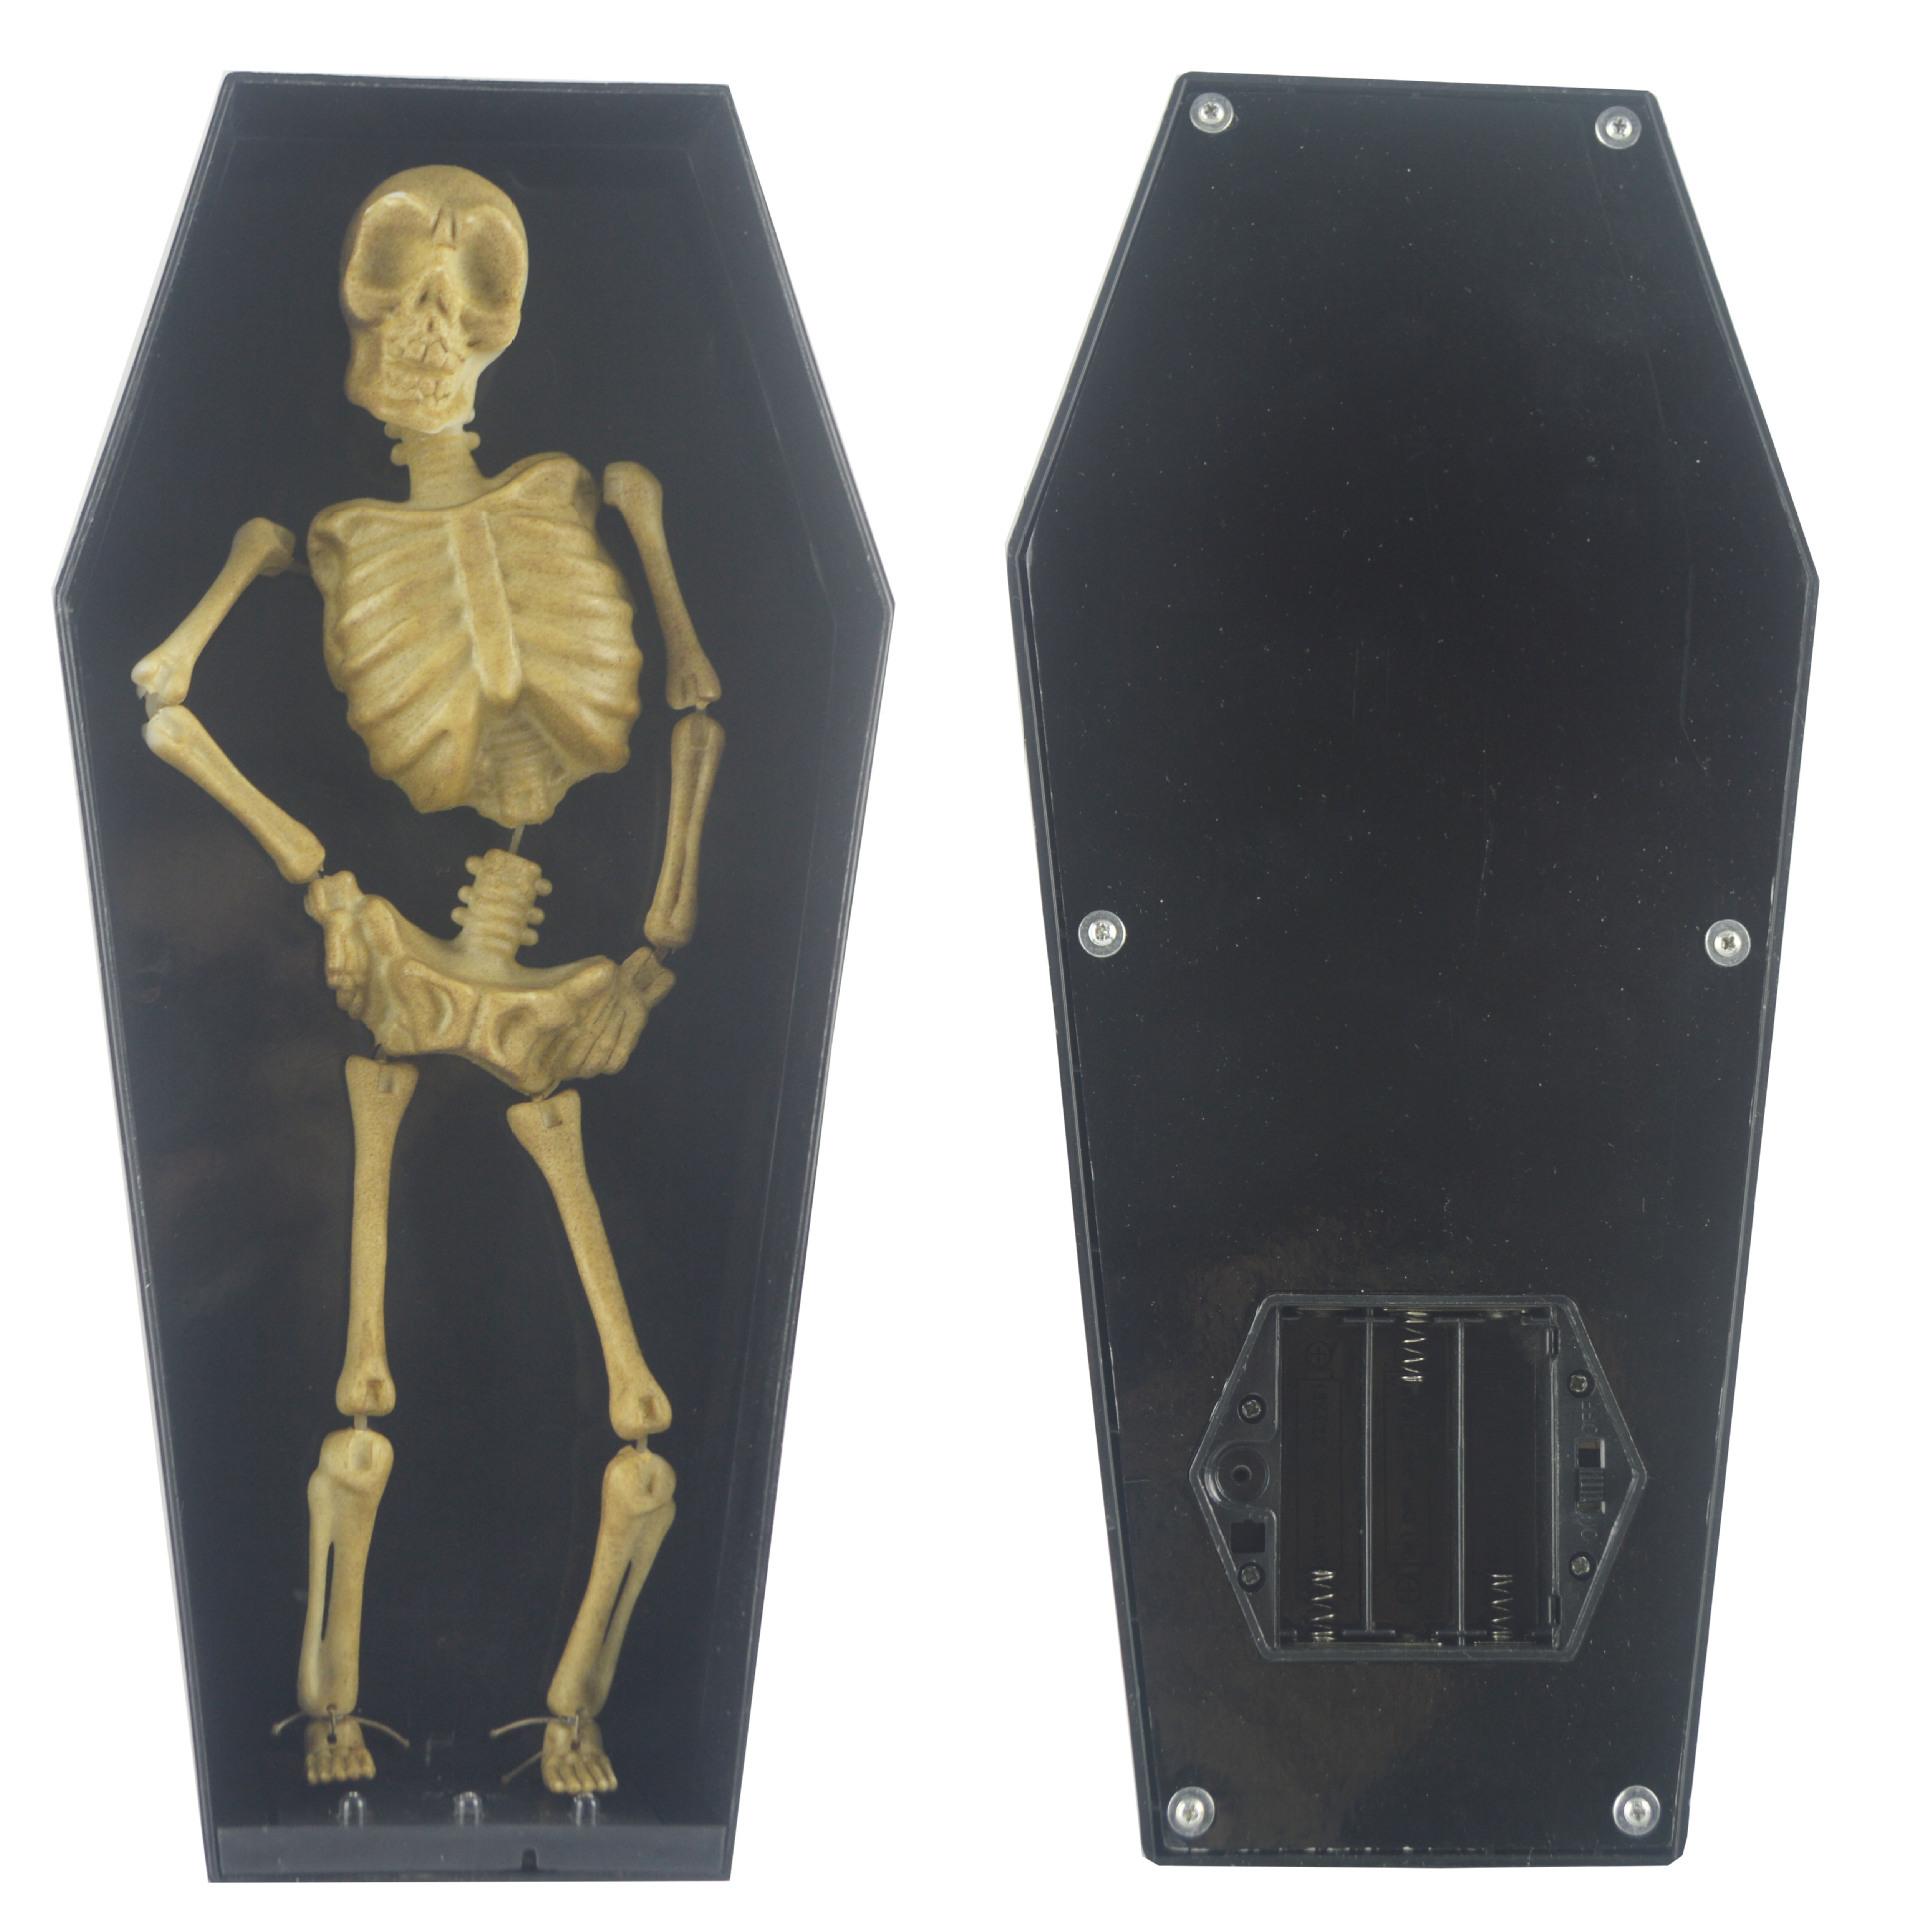 Venta al por mayor esqueletos de juguete Compre online los